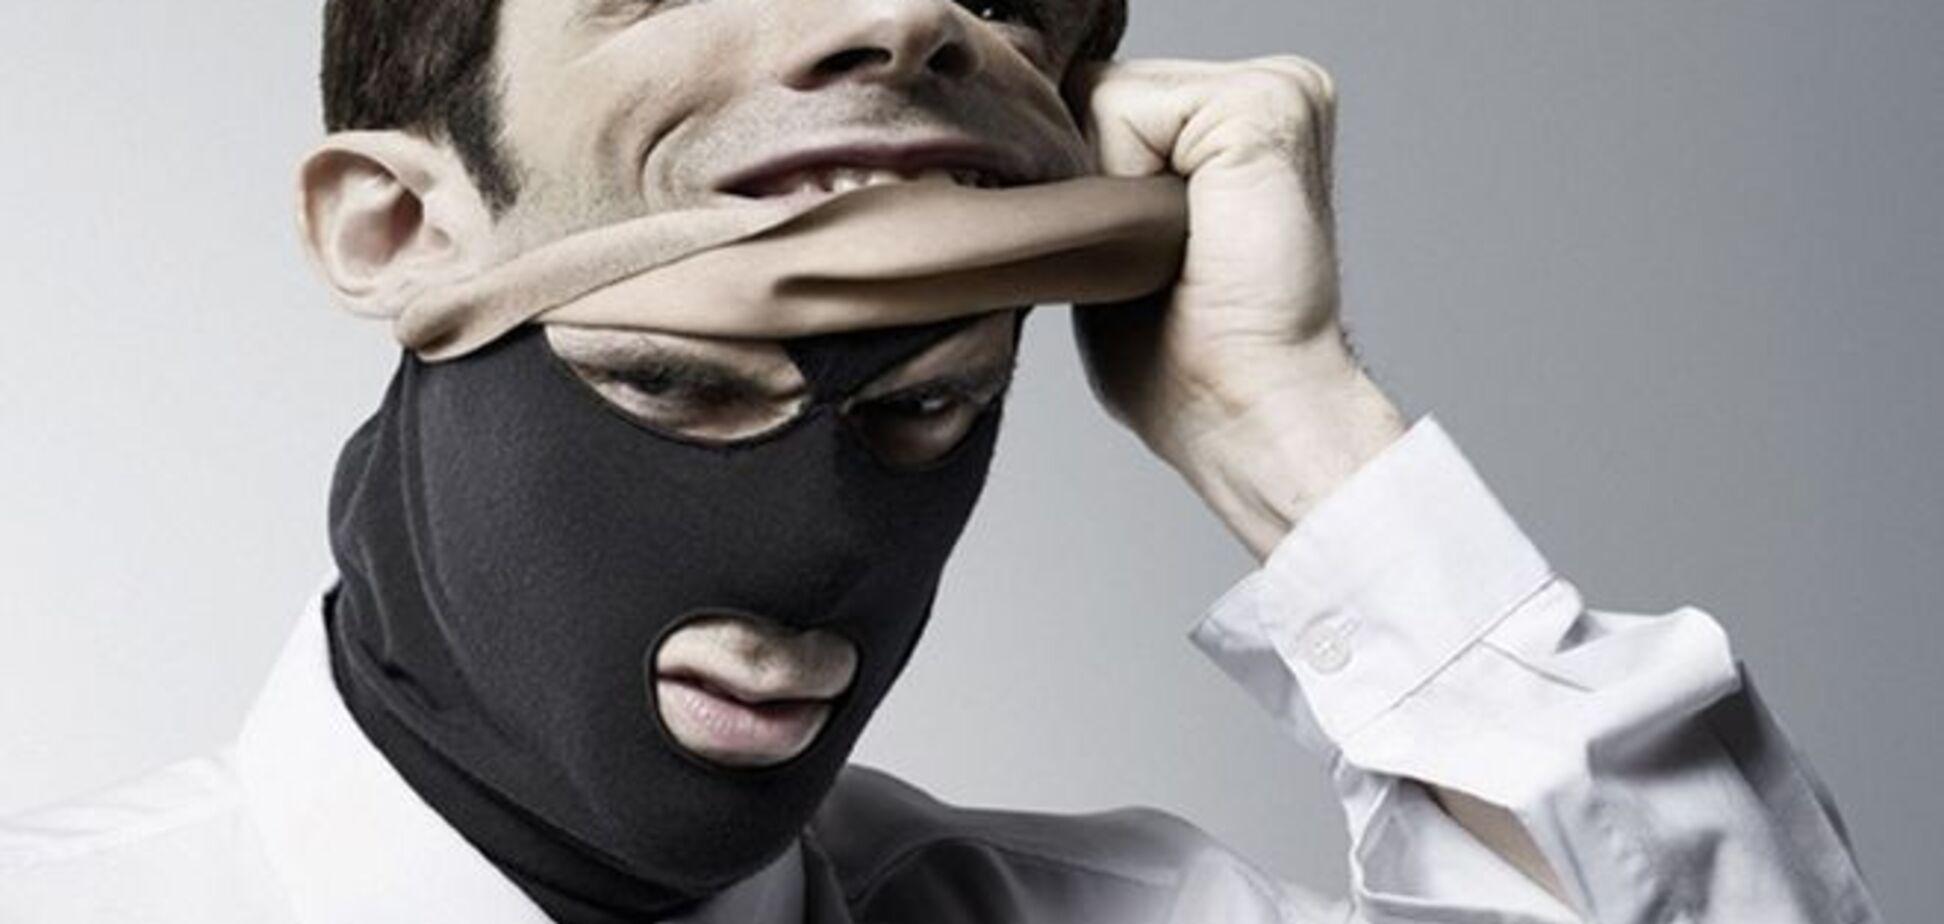 Лжесотрудник Антикоррупционного бюро требовал у бизнесмена $5 тыс.